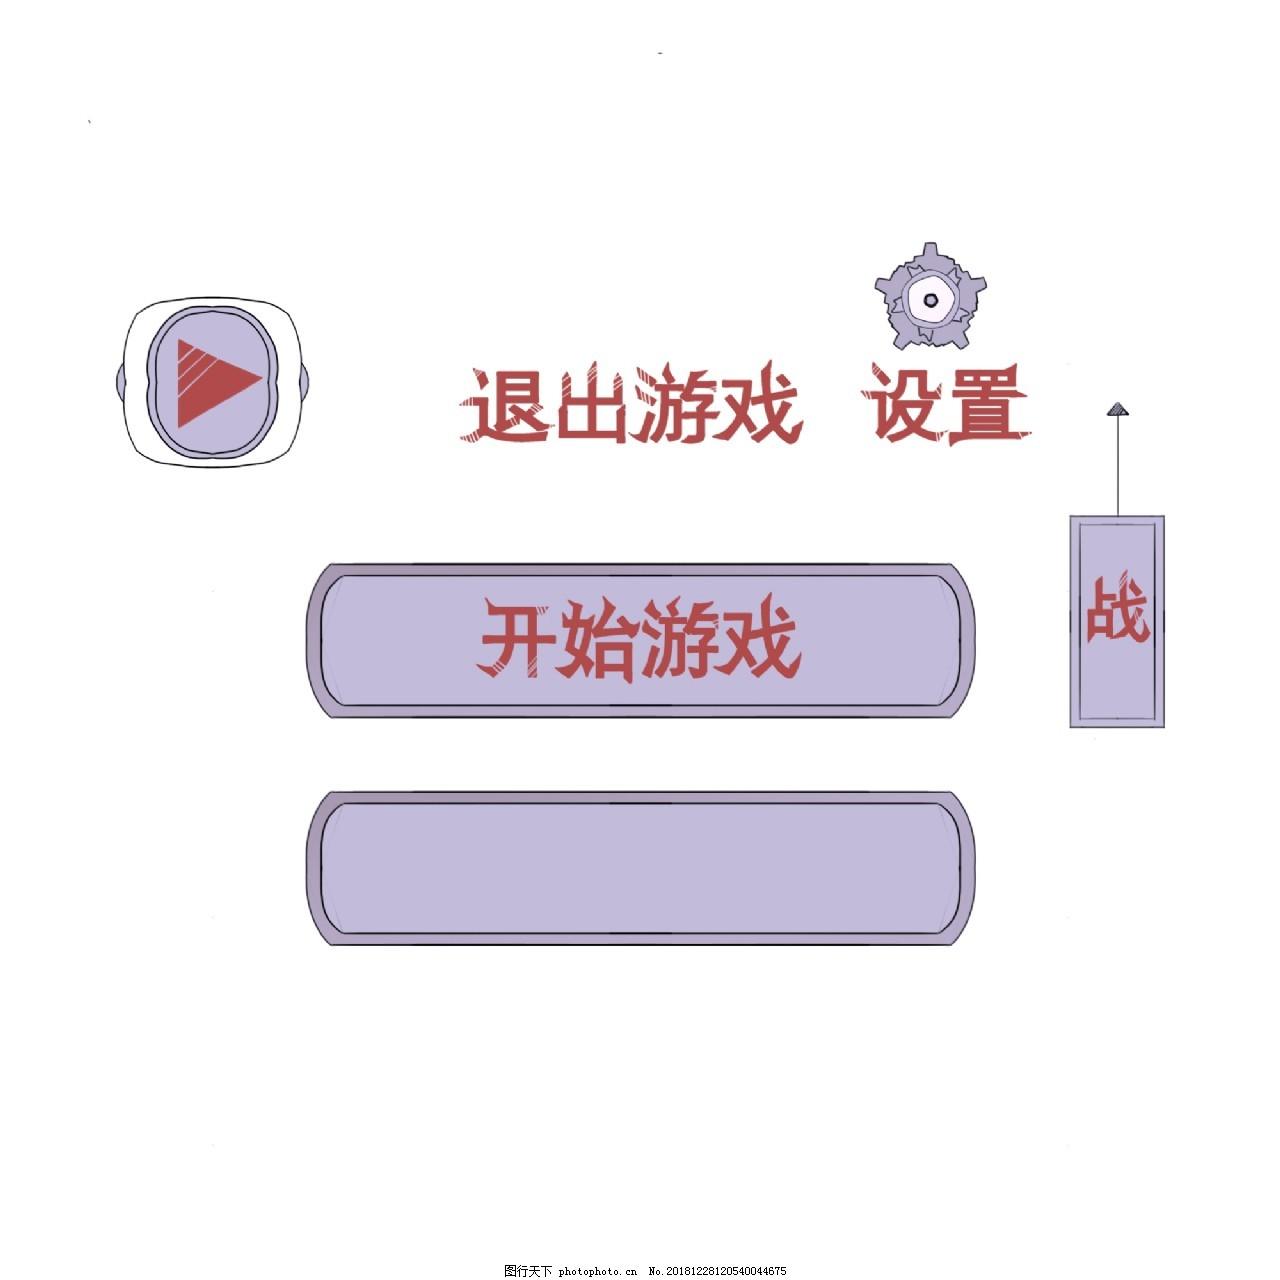 图标有v图标游戏ui大写成都字体艺室内设计学院如何图片